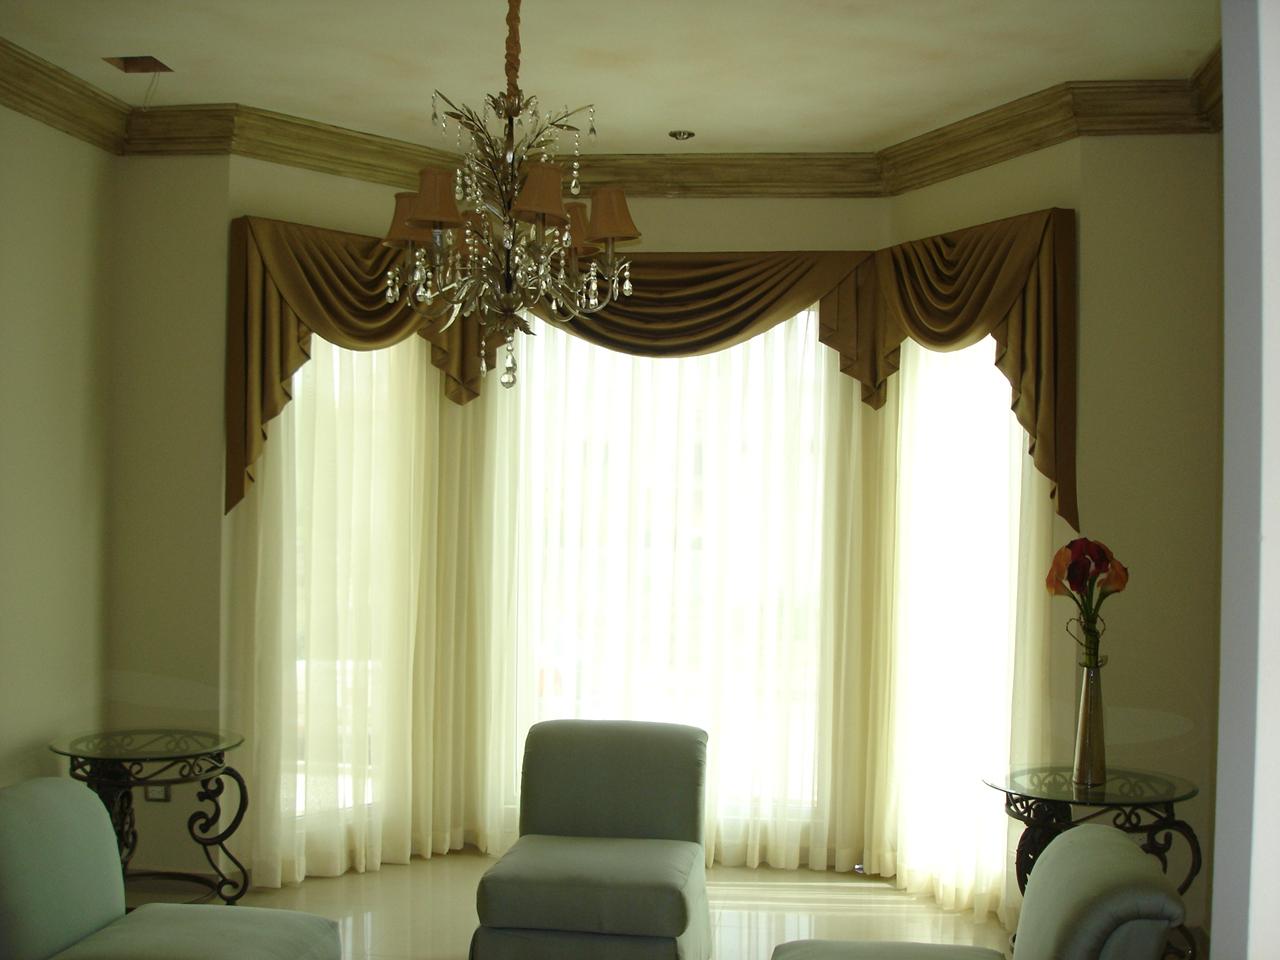 http://4.bp.blogspot.com/-o2CDESd_kPI/T586zBICSpI/AAAAAAAAAJg/uiw7f0_9HCI/s1600/cortina-de-luxo-para-sala.jpg